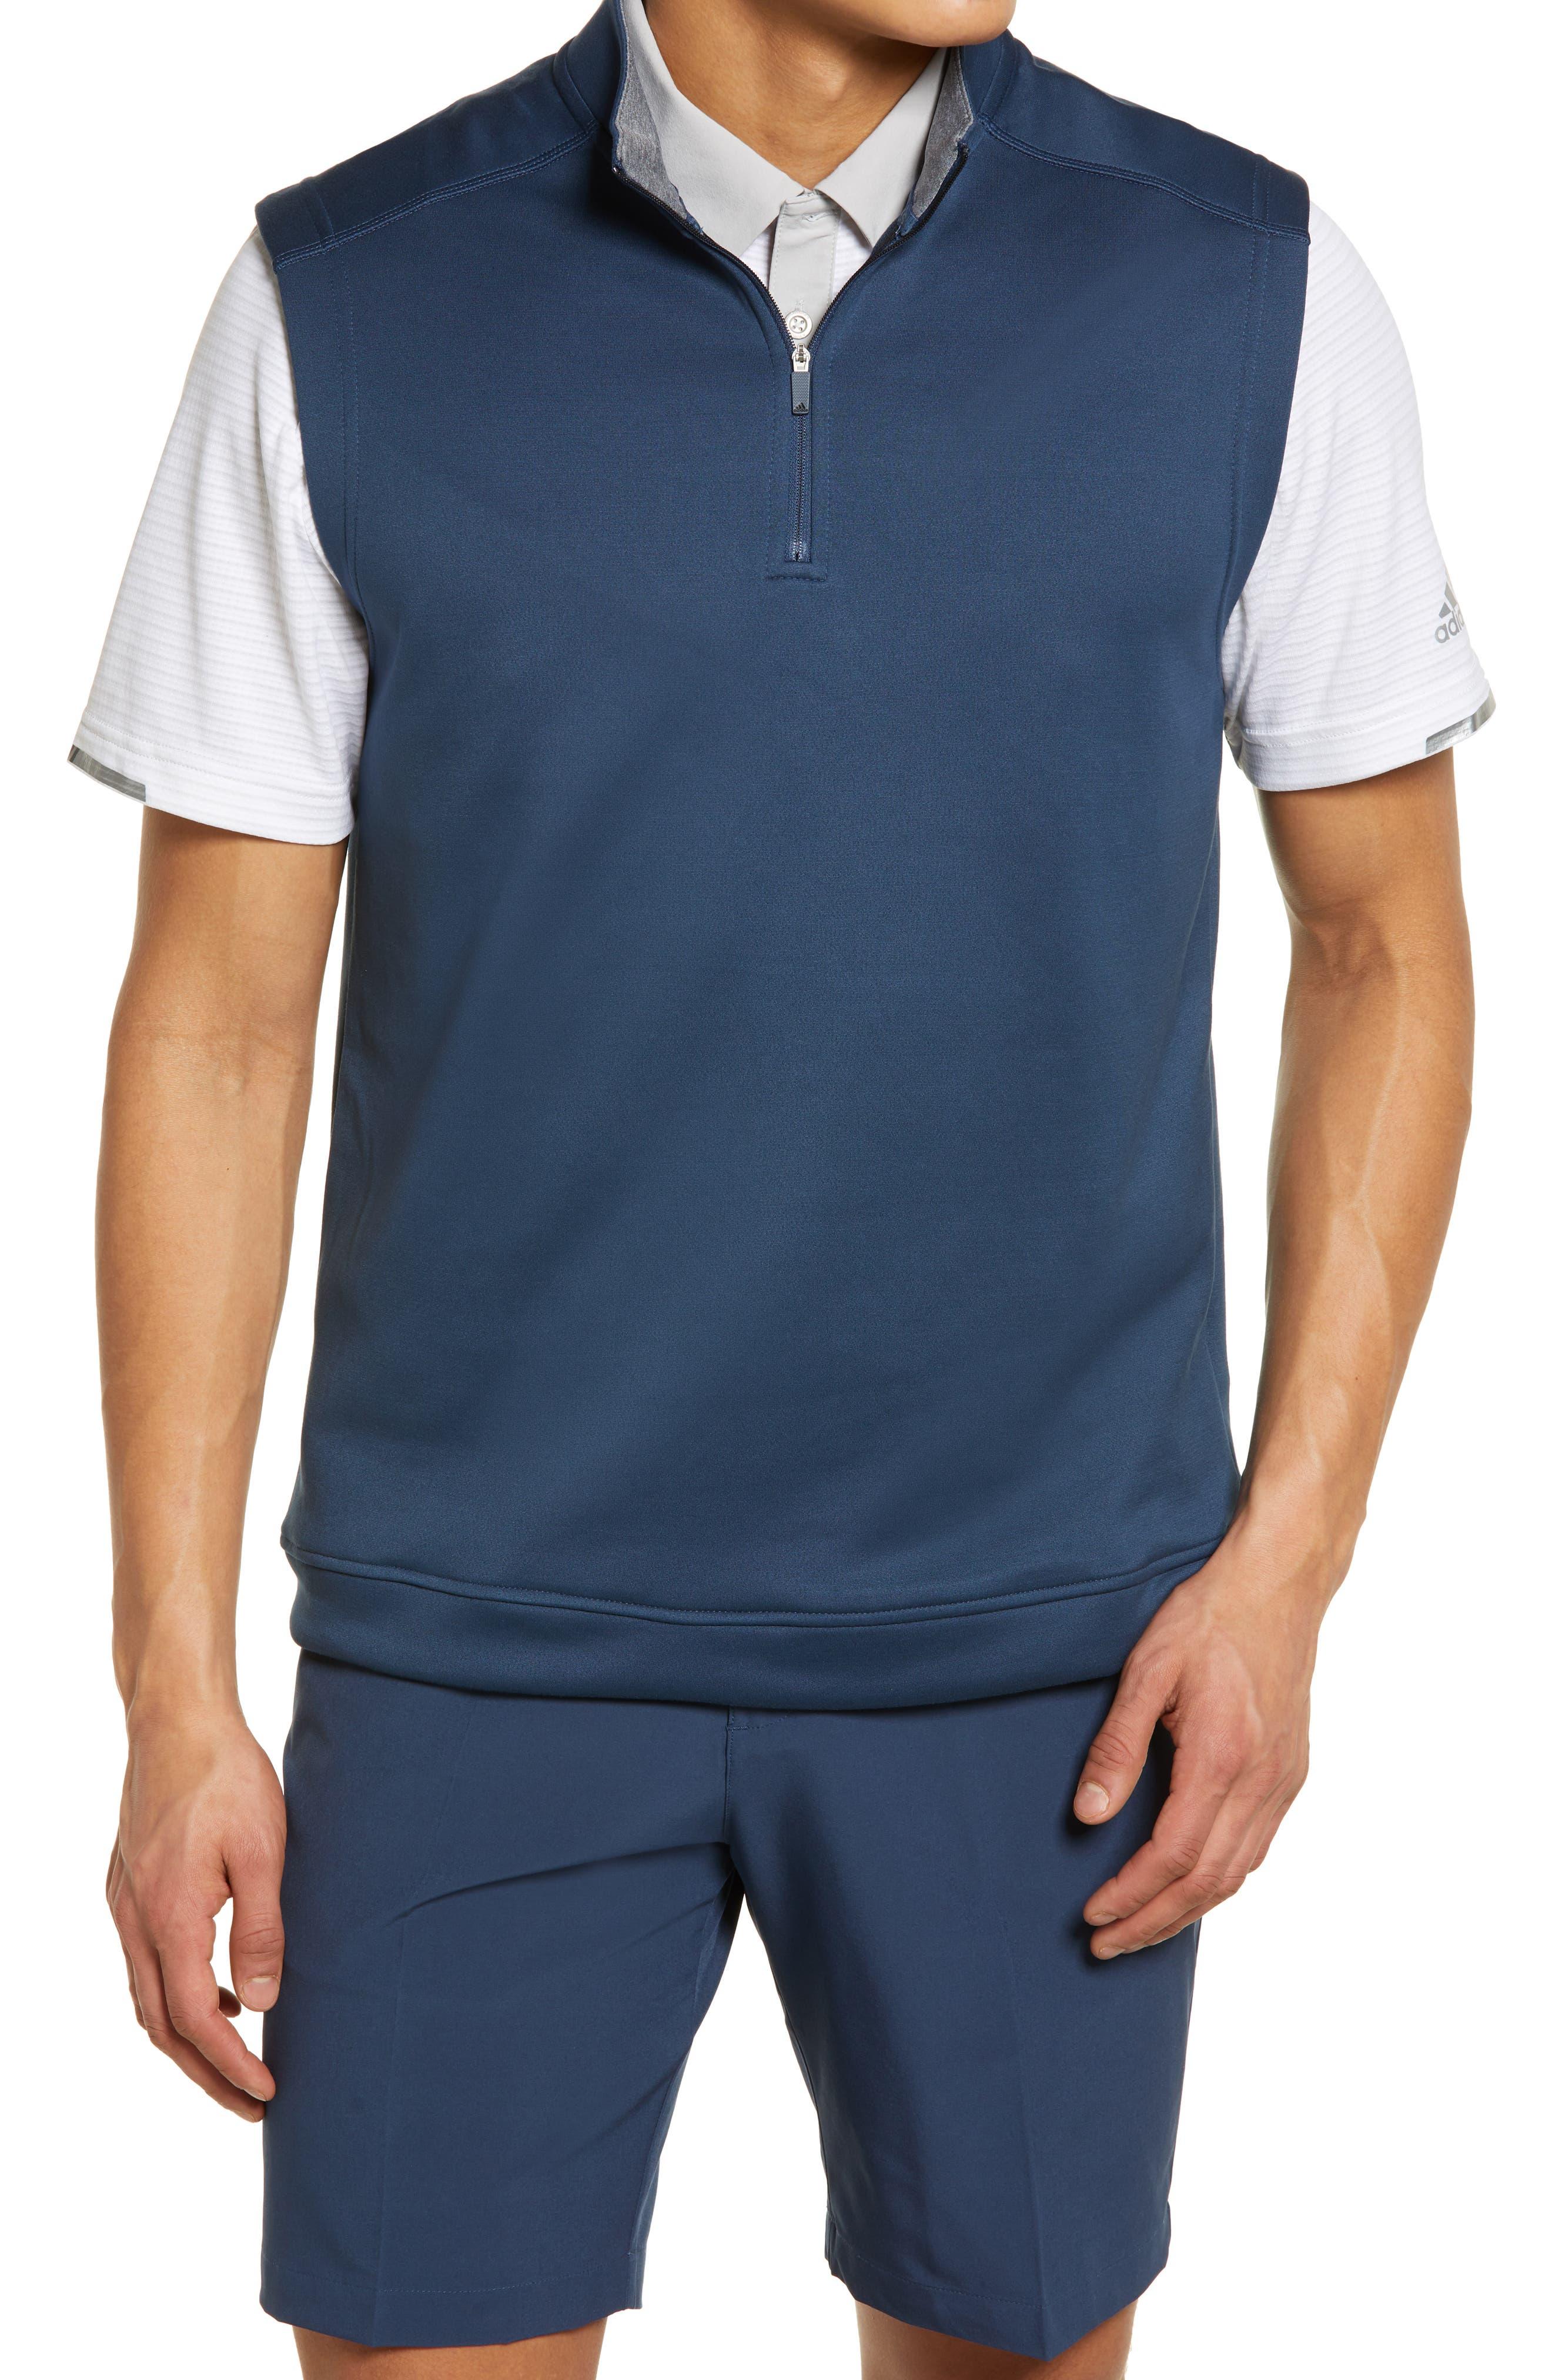 Club Quarter Zip Vest